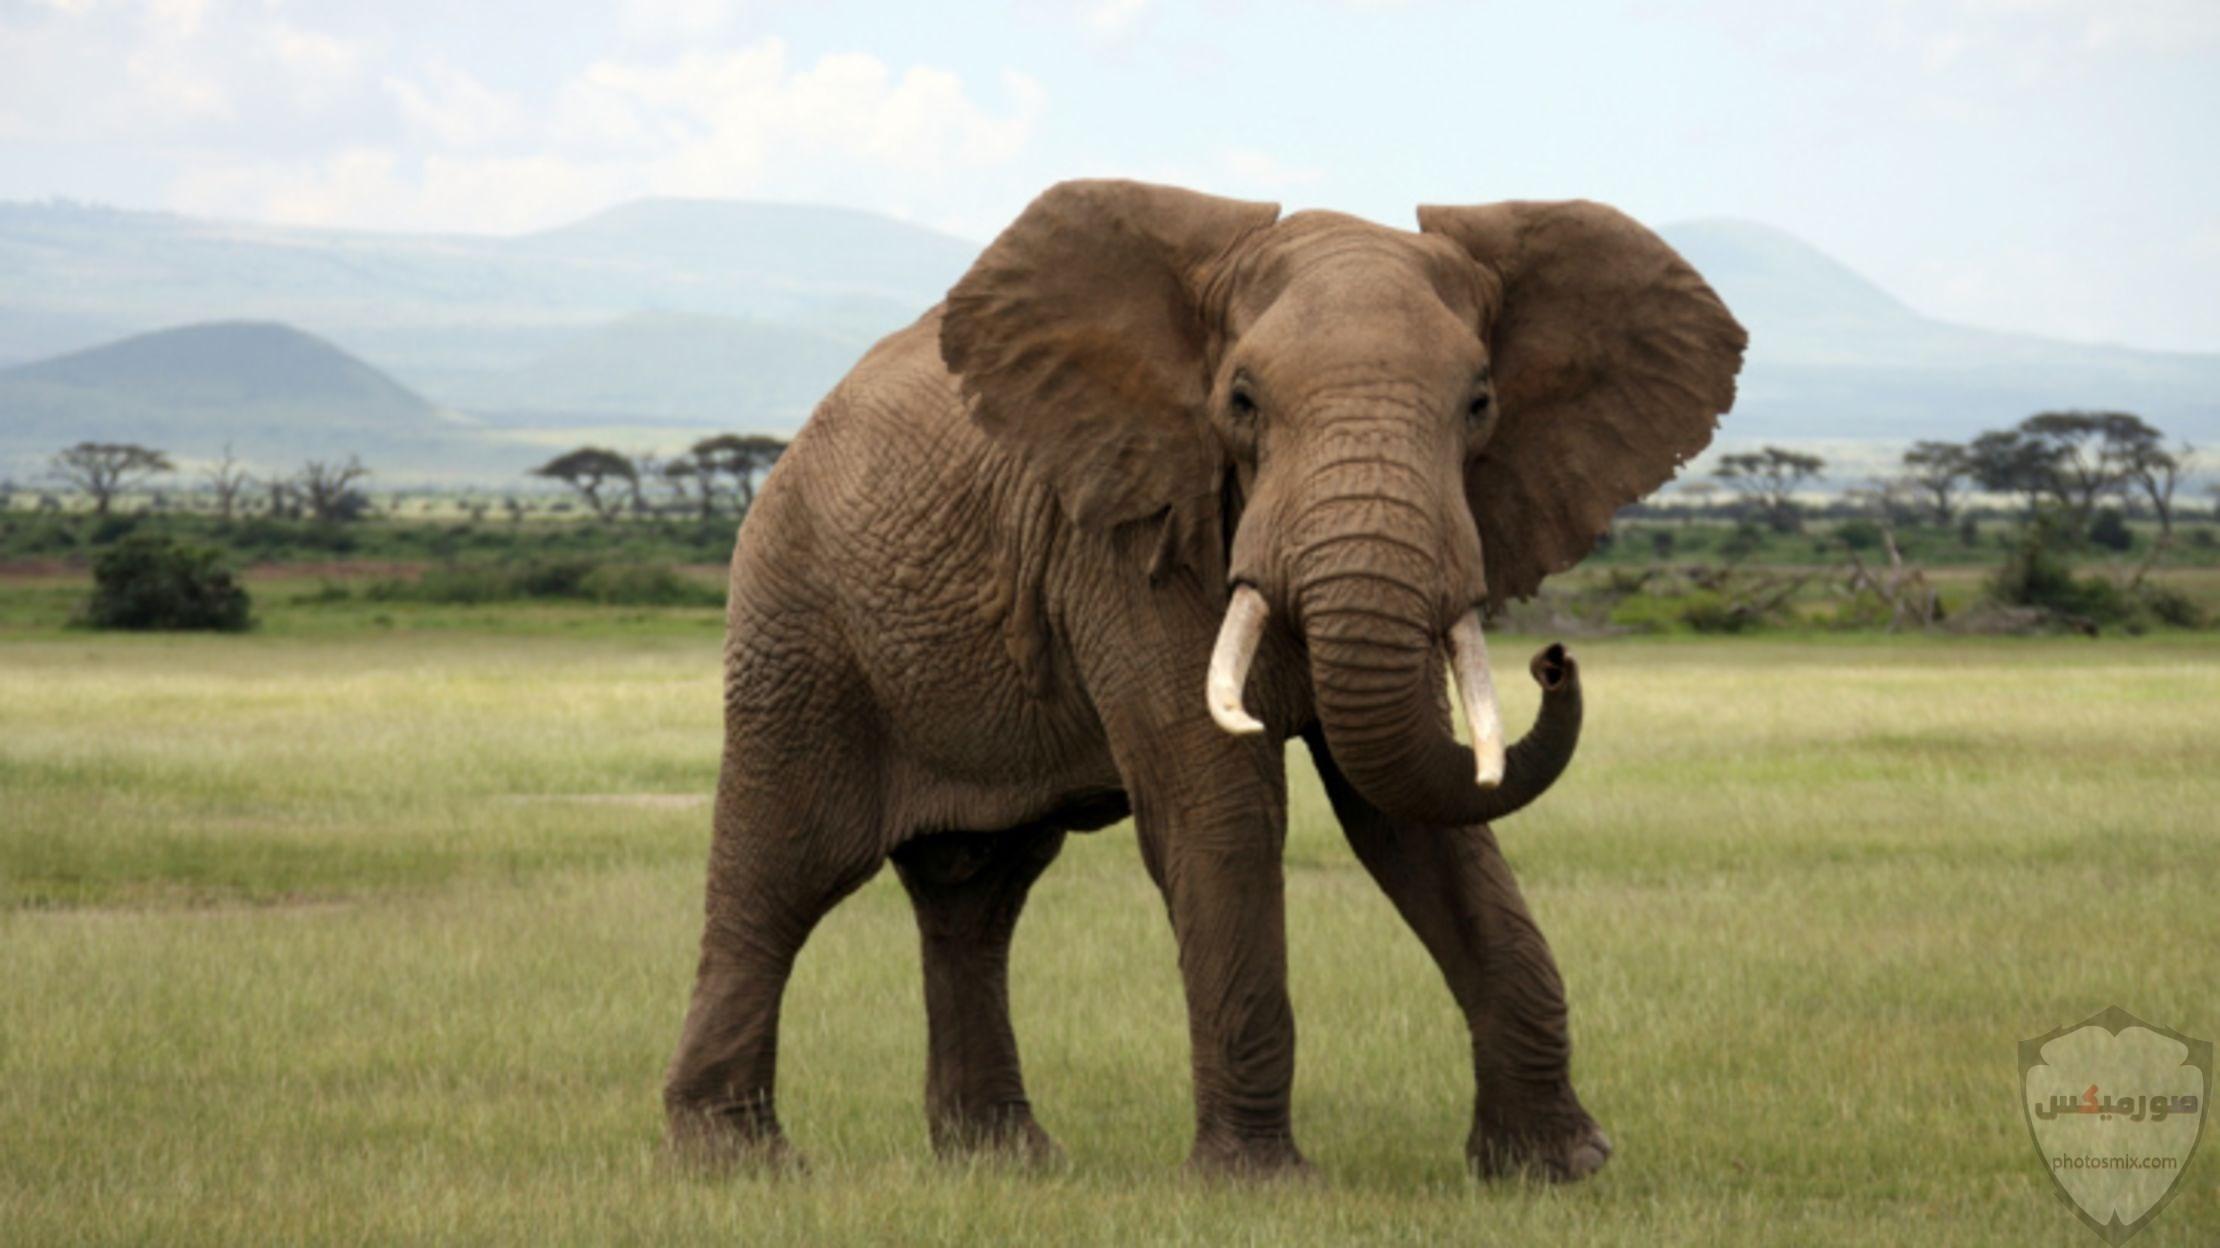 صور افيال أجمل صور فيل 2020 5